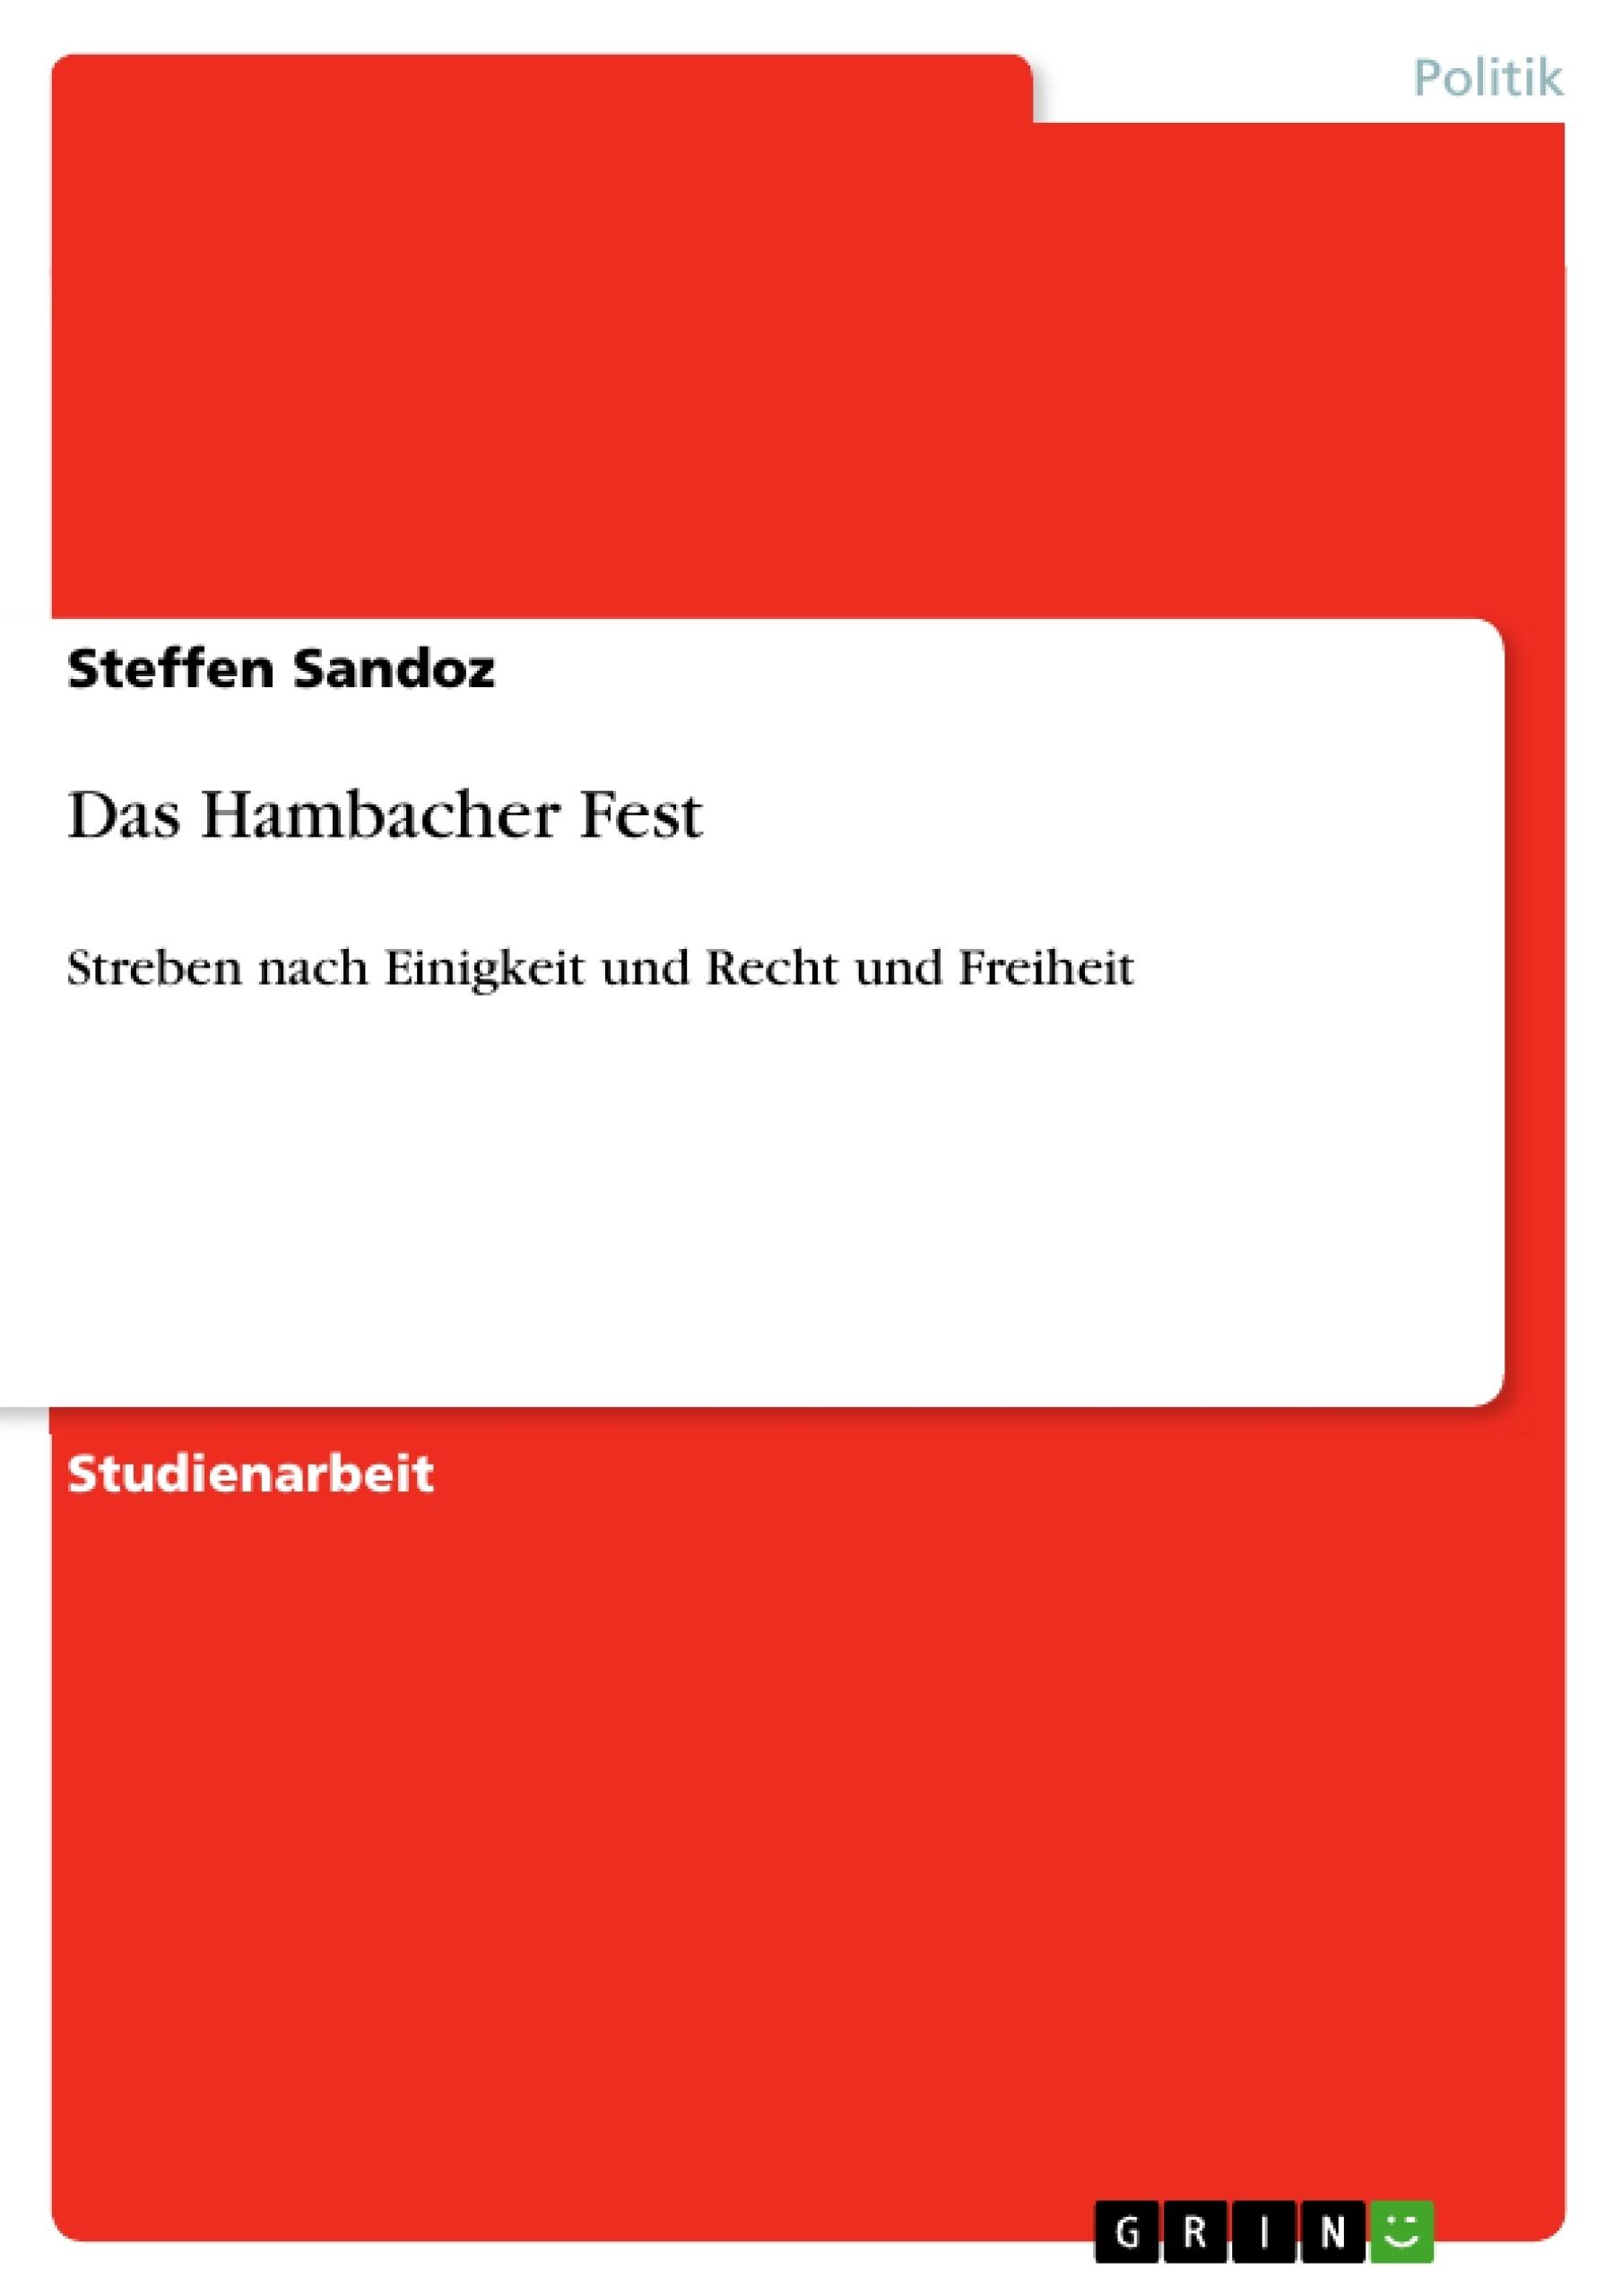 Titel: Das Hambacher Fest